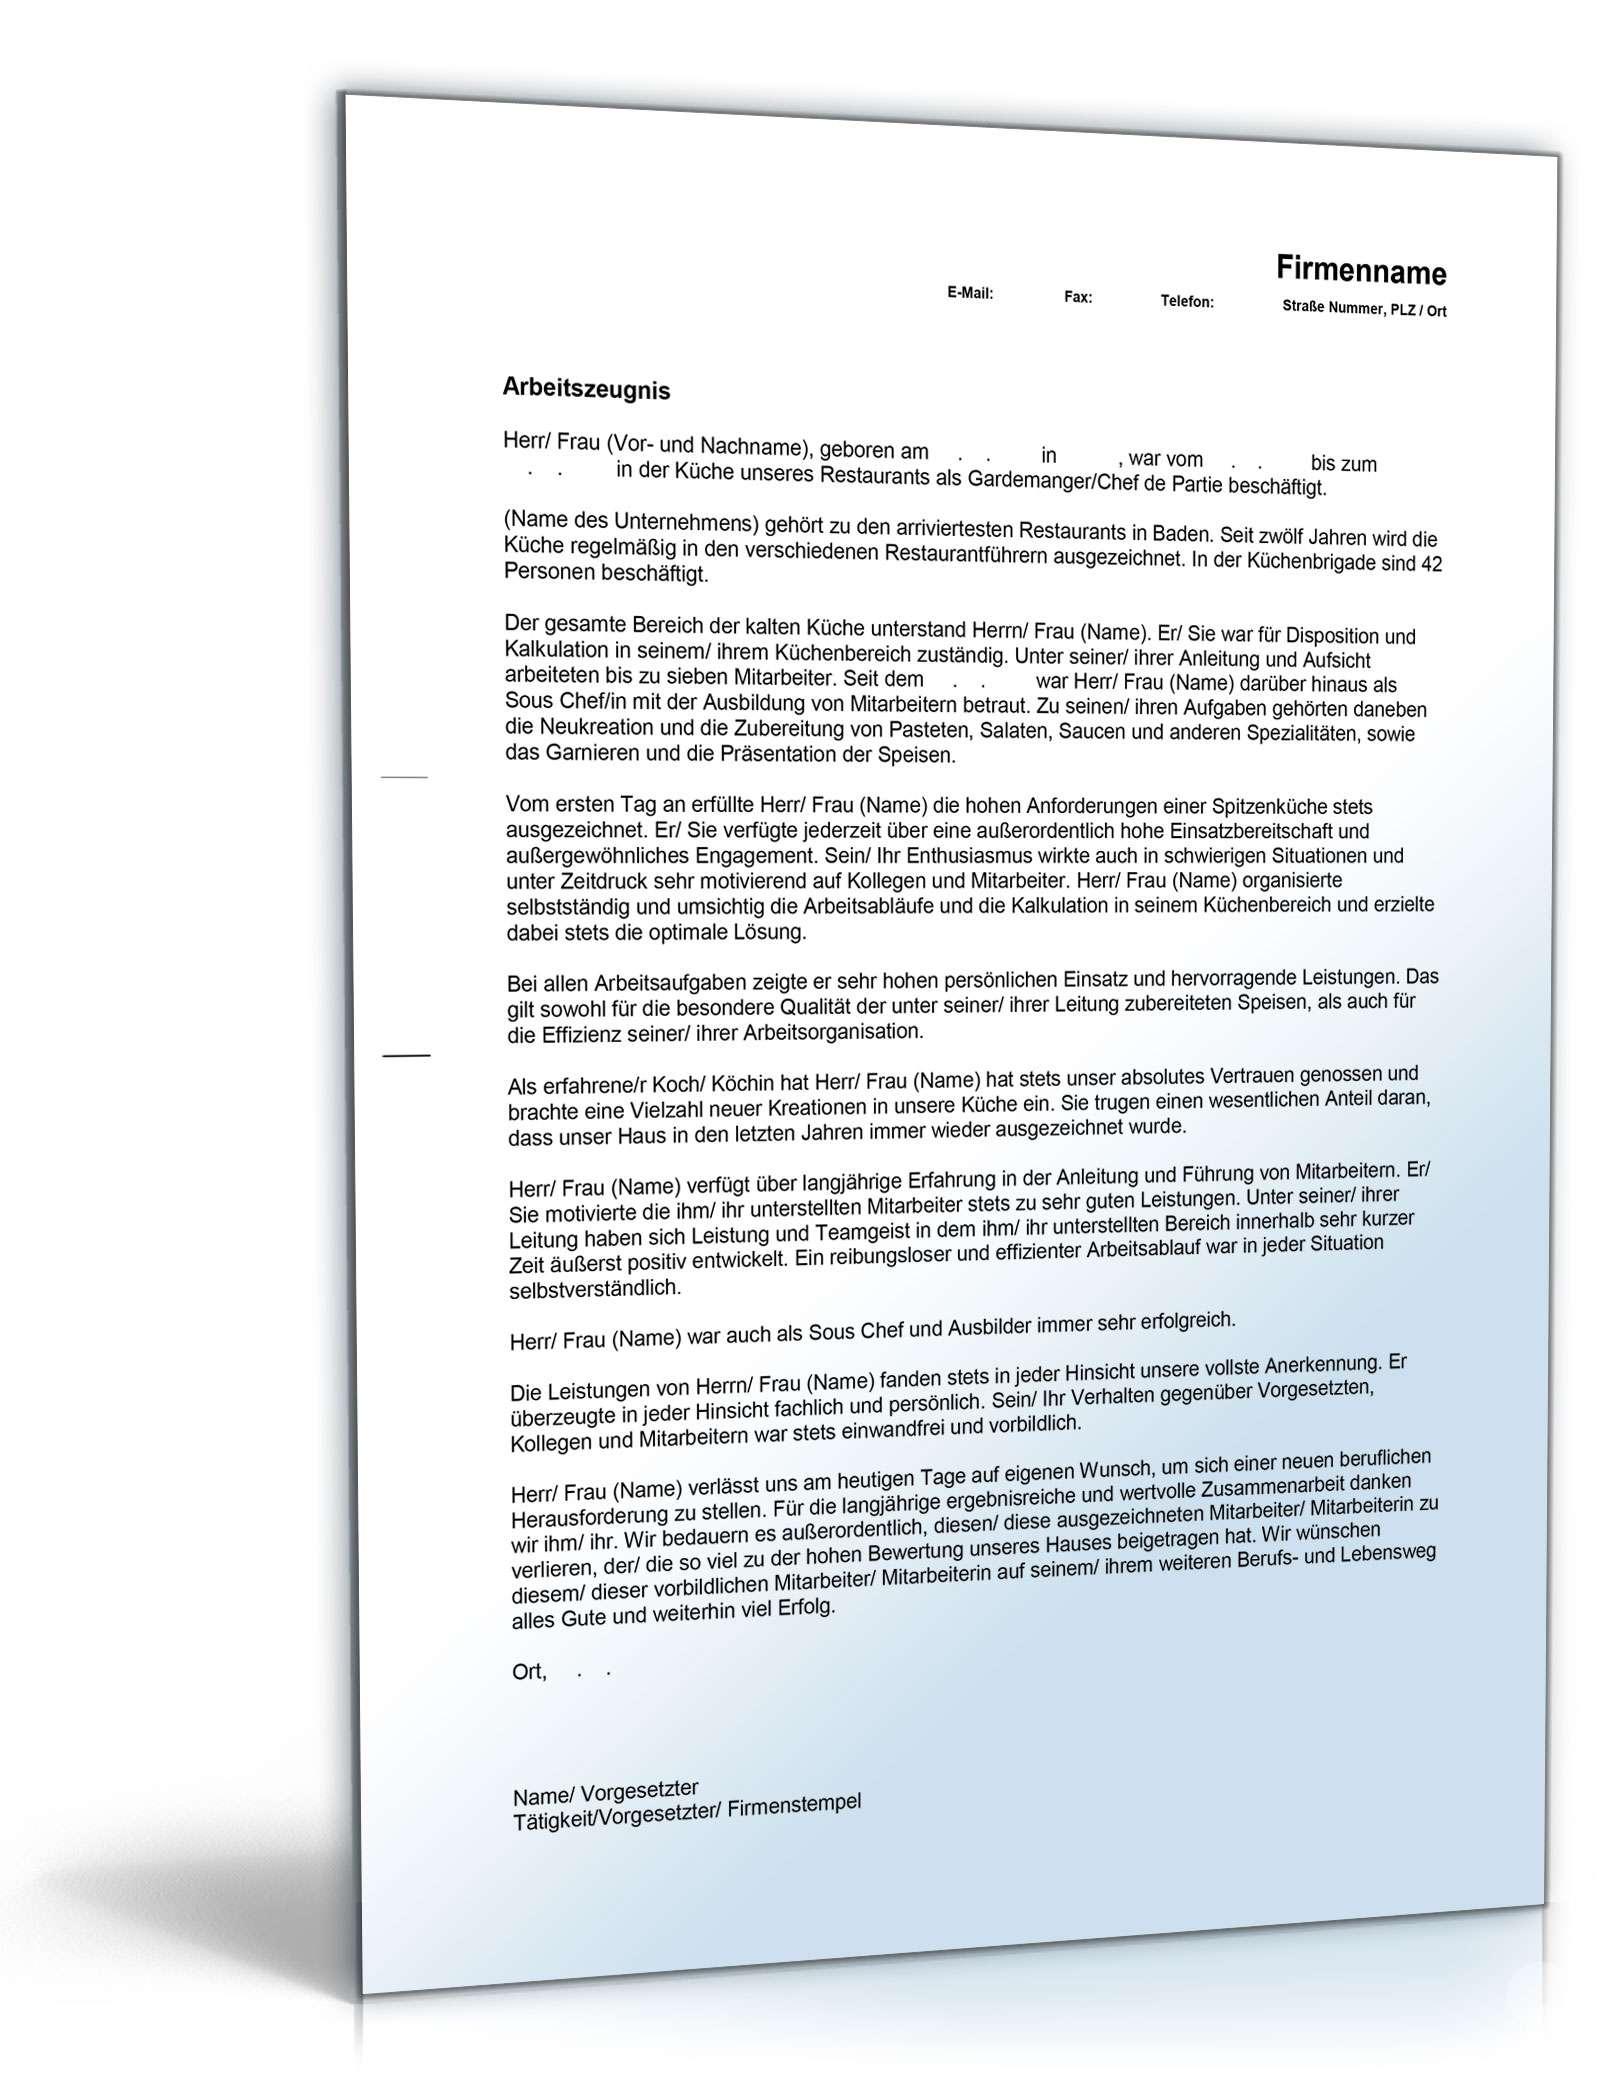 Arbeitszeugnis Chefkoch Rechtssichere Muster Zum Download